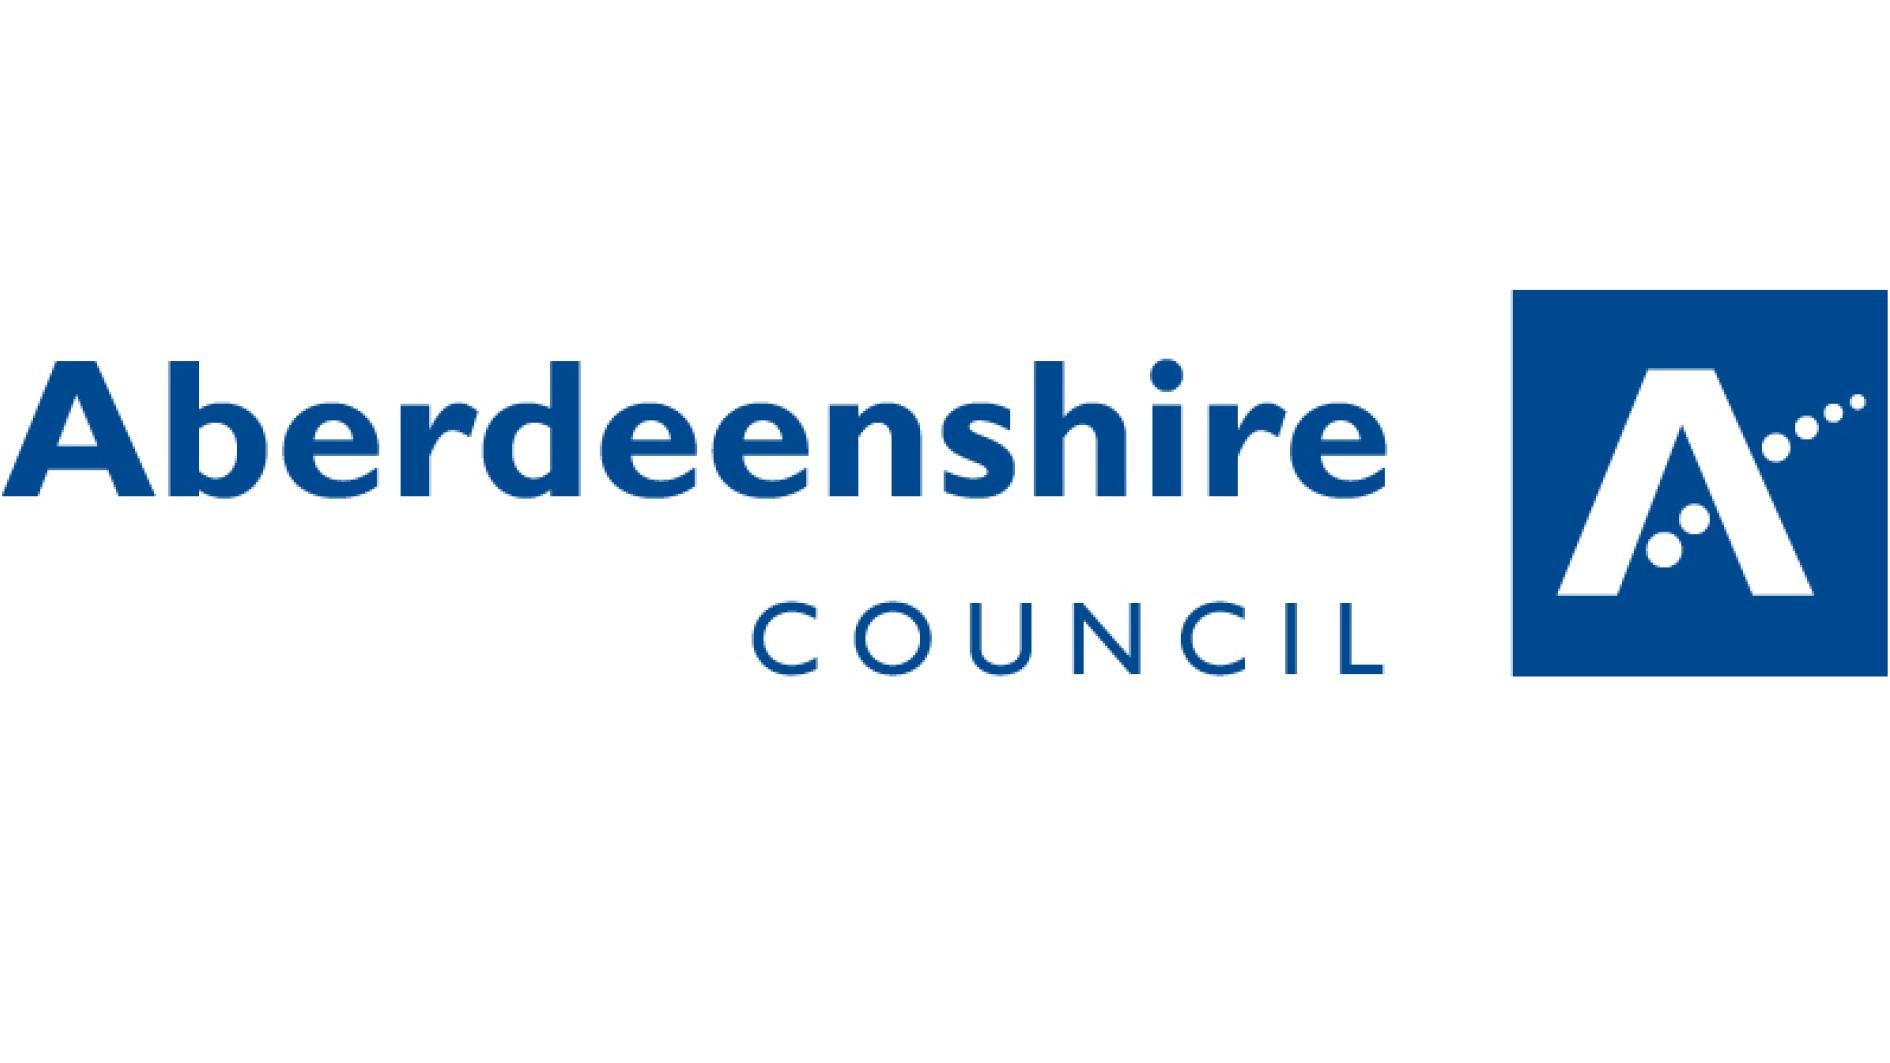 https://www.aberdeenshire.gov.uk/